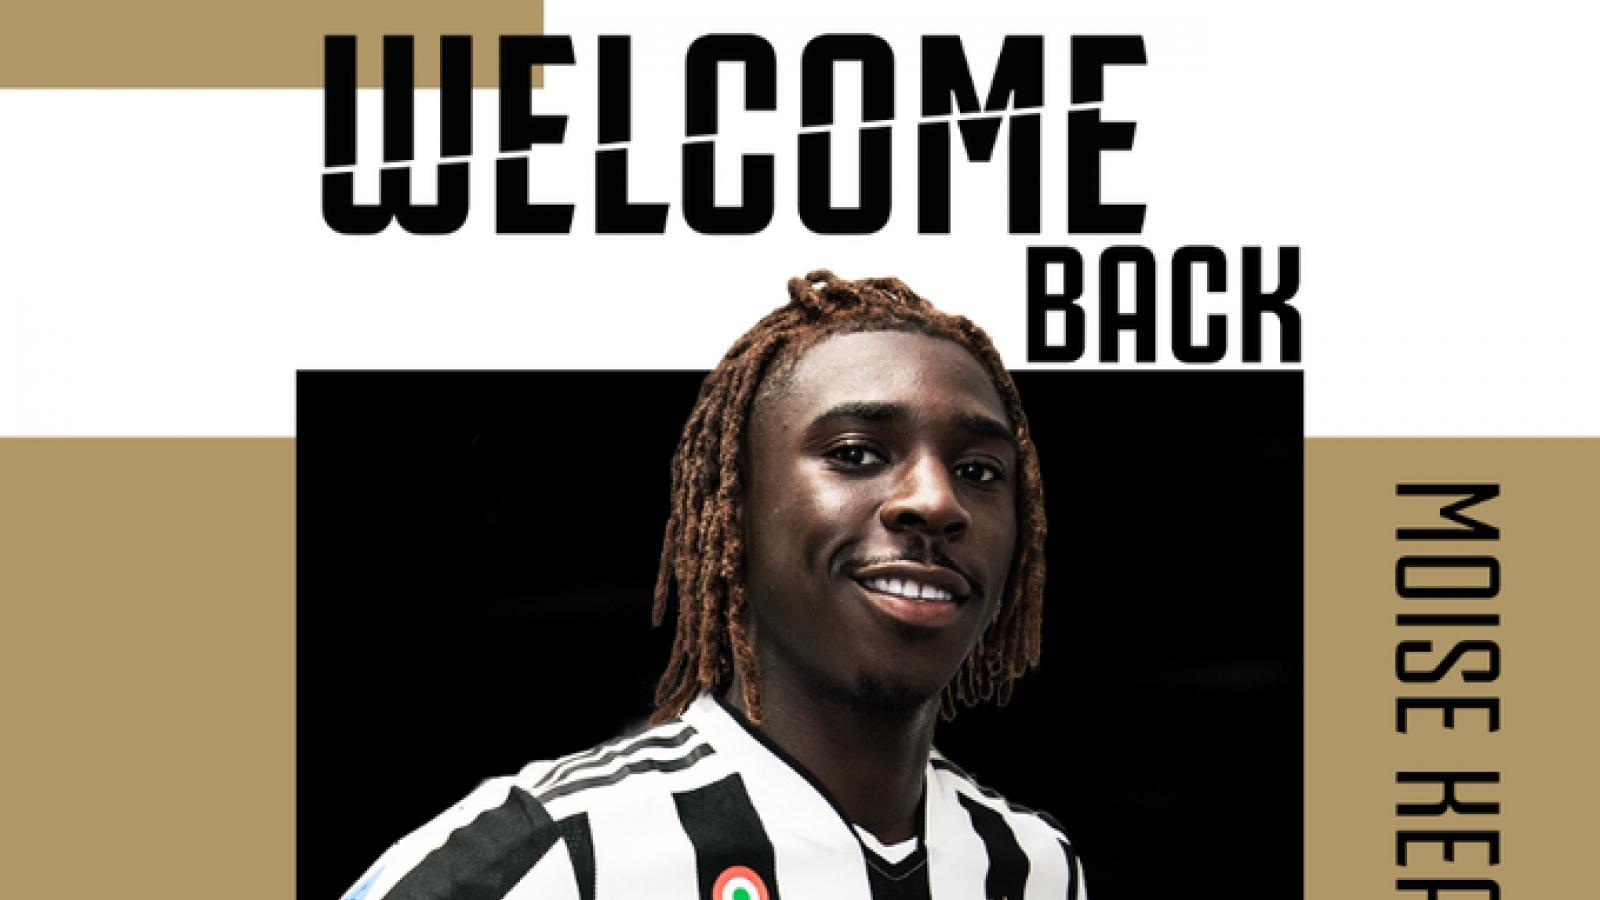 """Juventus ký hợp đồng với """"sát thủ"""" trẻ tuổi thay thế Ronaldo"""